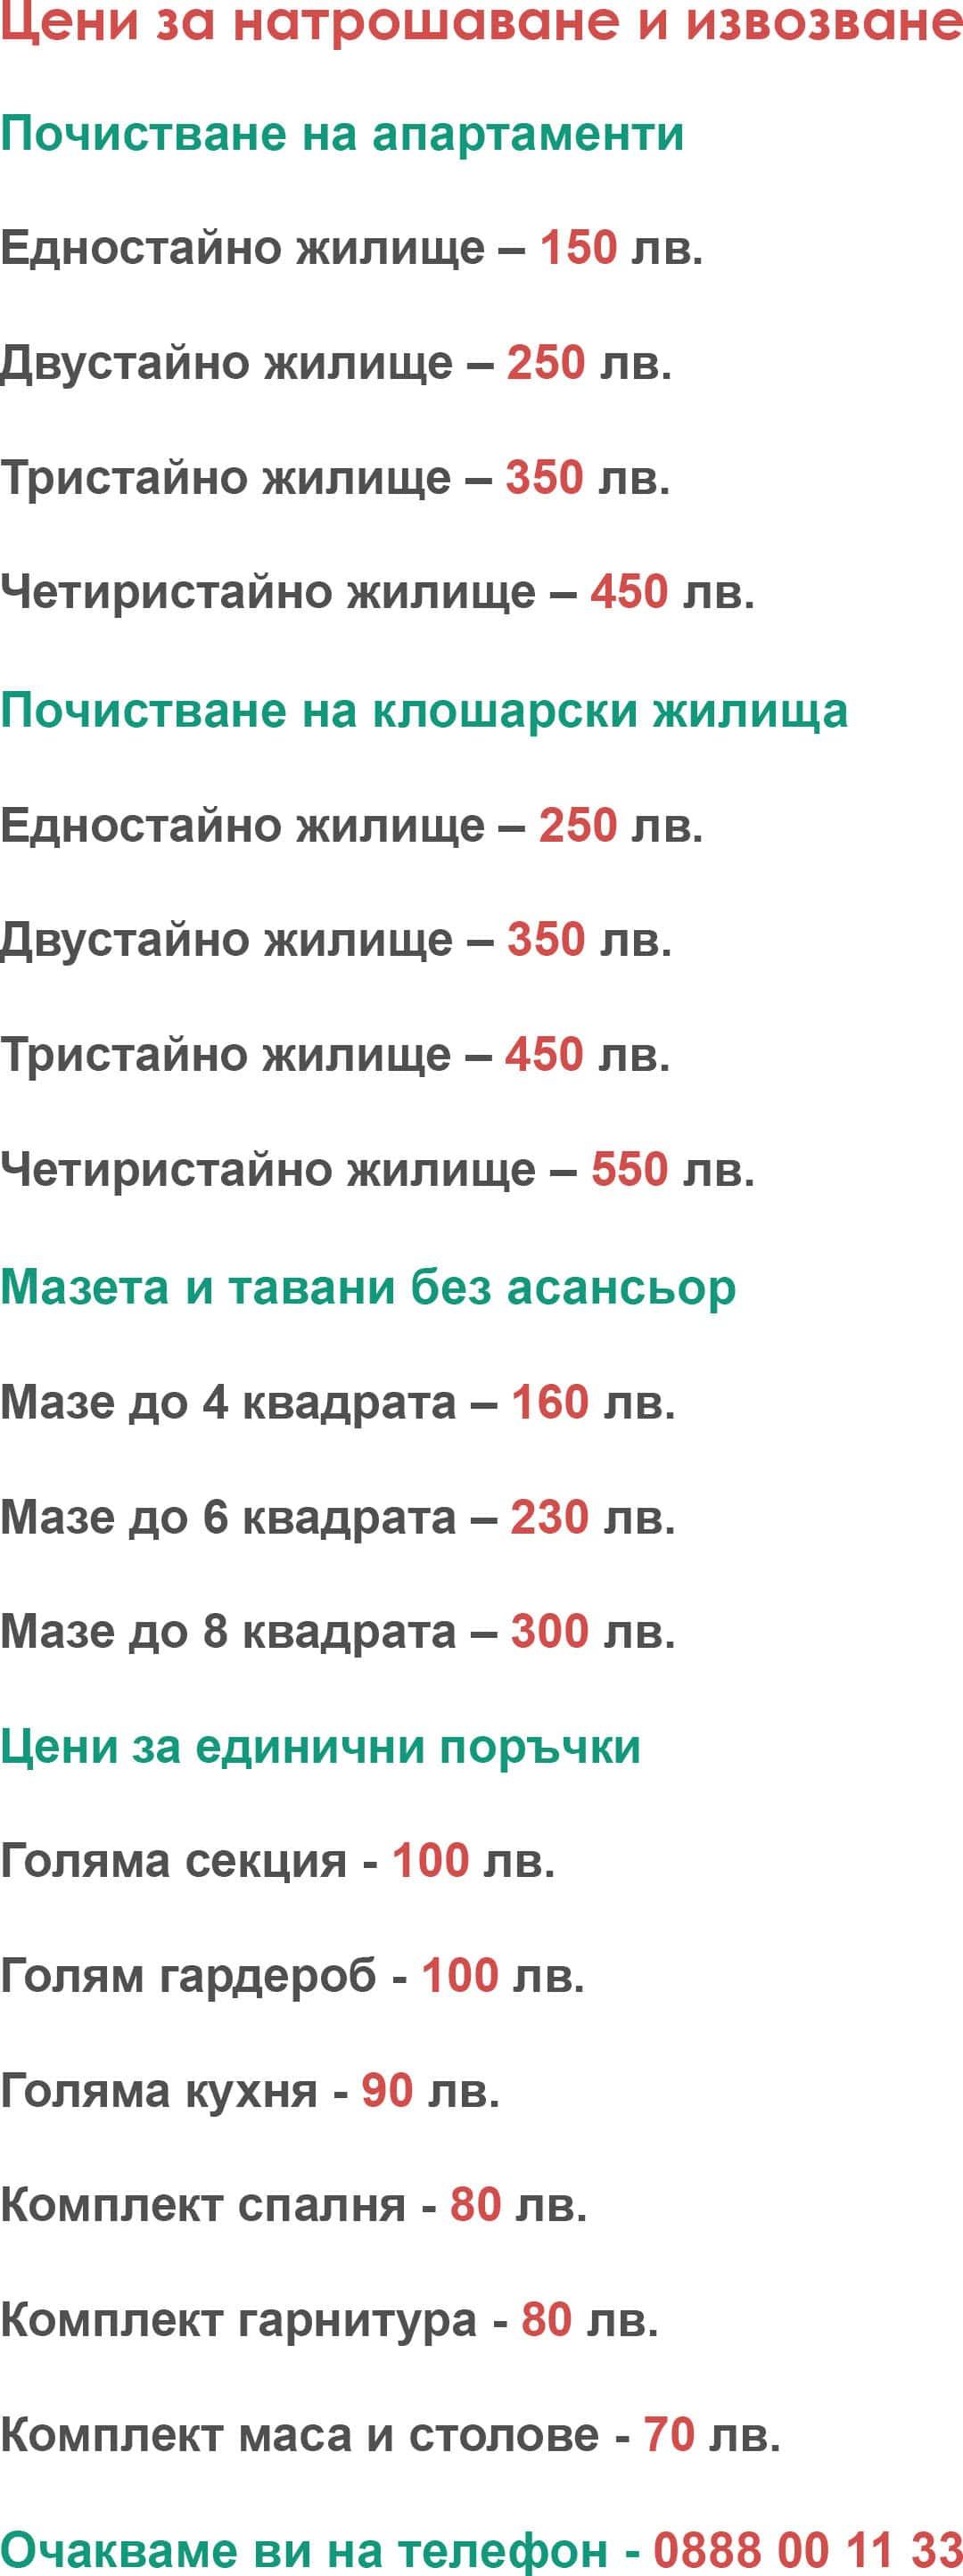 Цени за извозване в Благоевград